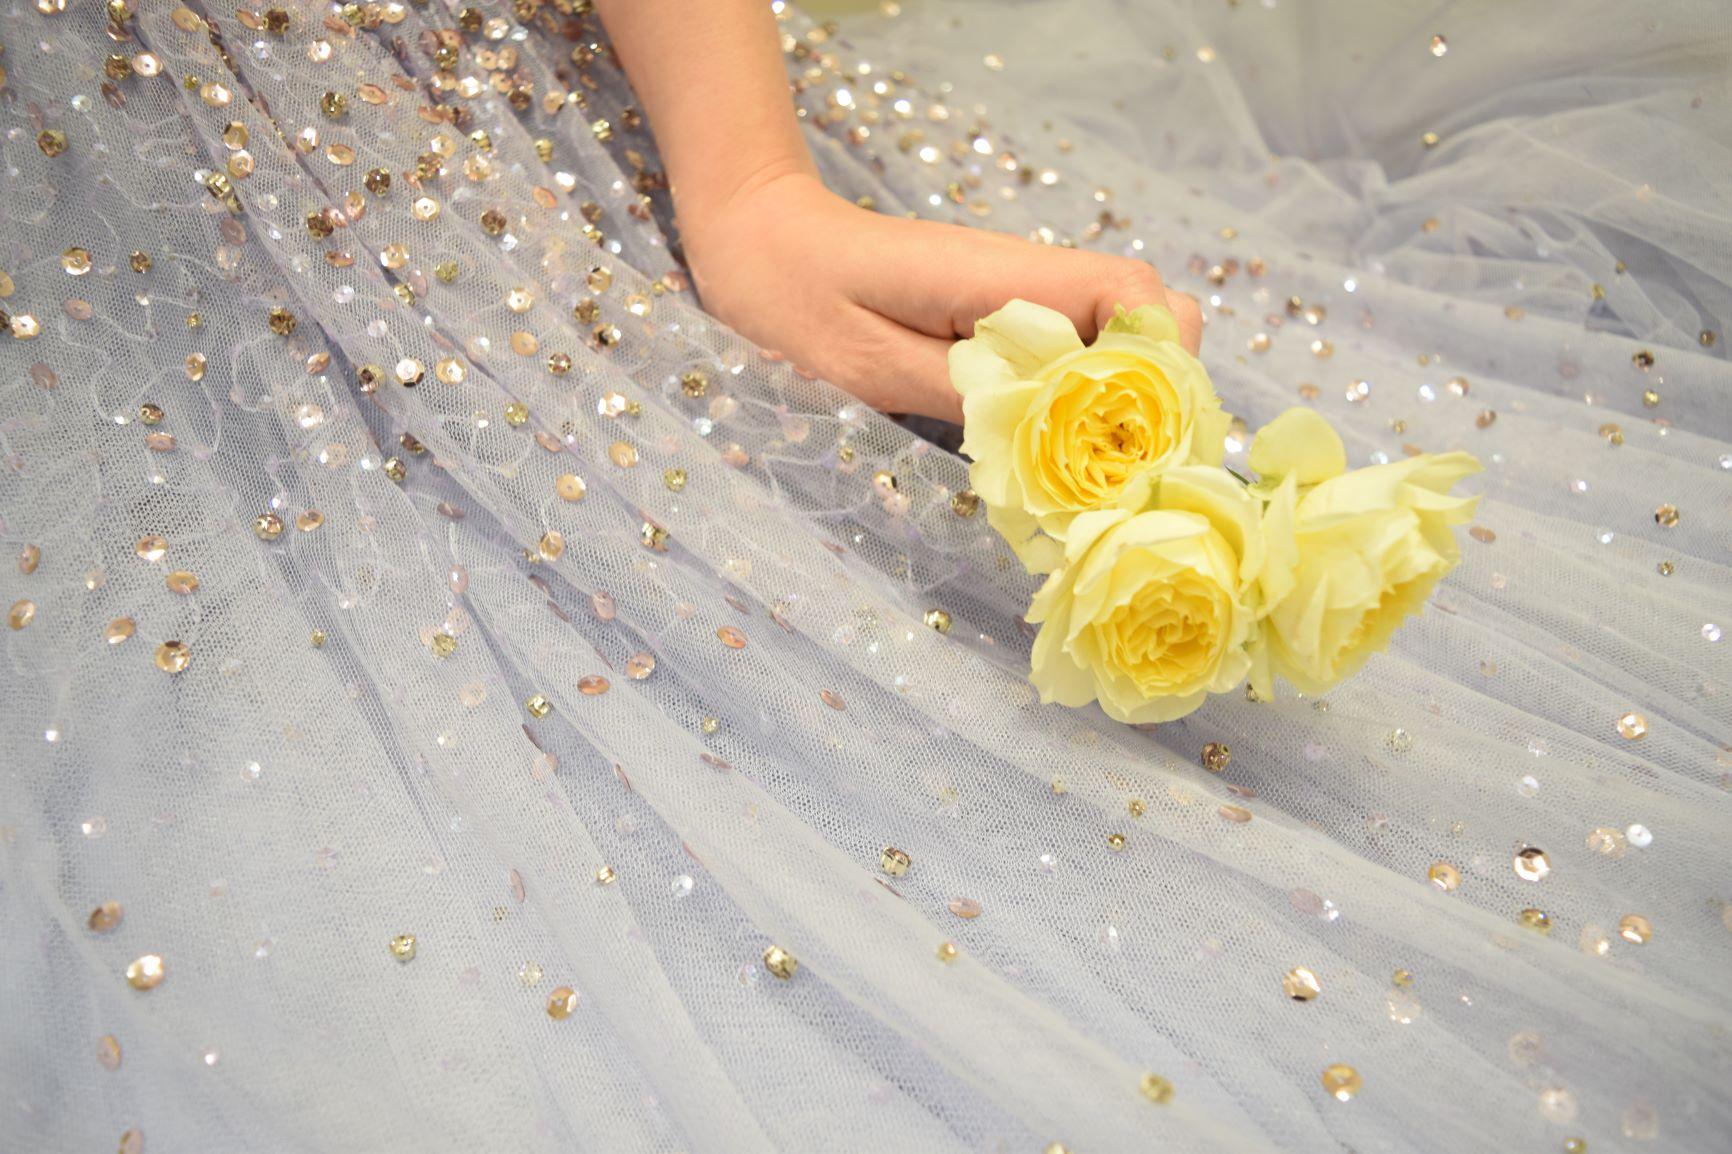 優しい雰囲気を演出するパステルカラーのカラードレスは、東京の人気ドレスショップザ・トリートドレッシングでご用意しています